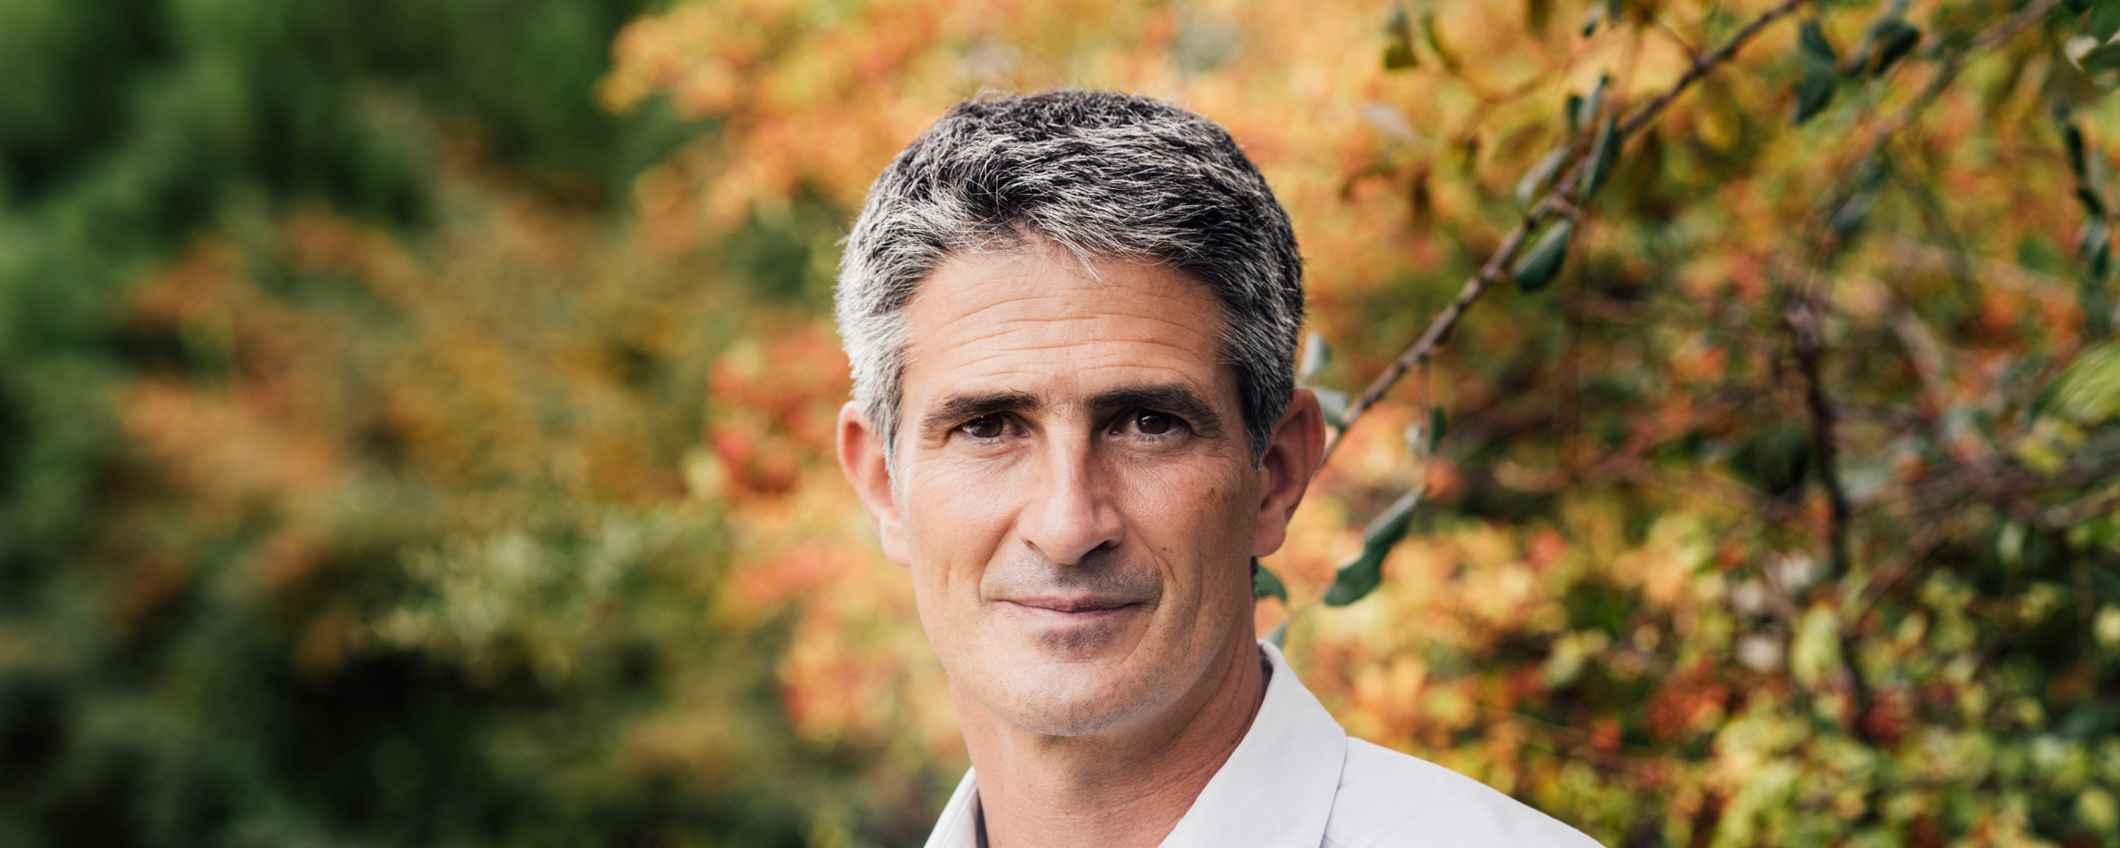 Mikel García-Prieto